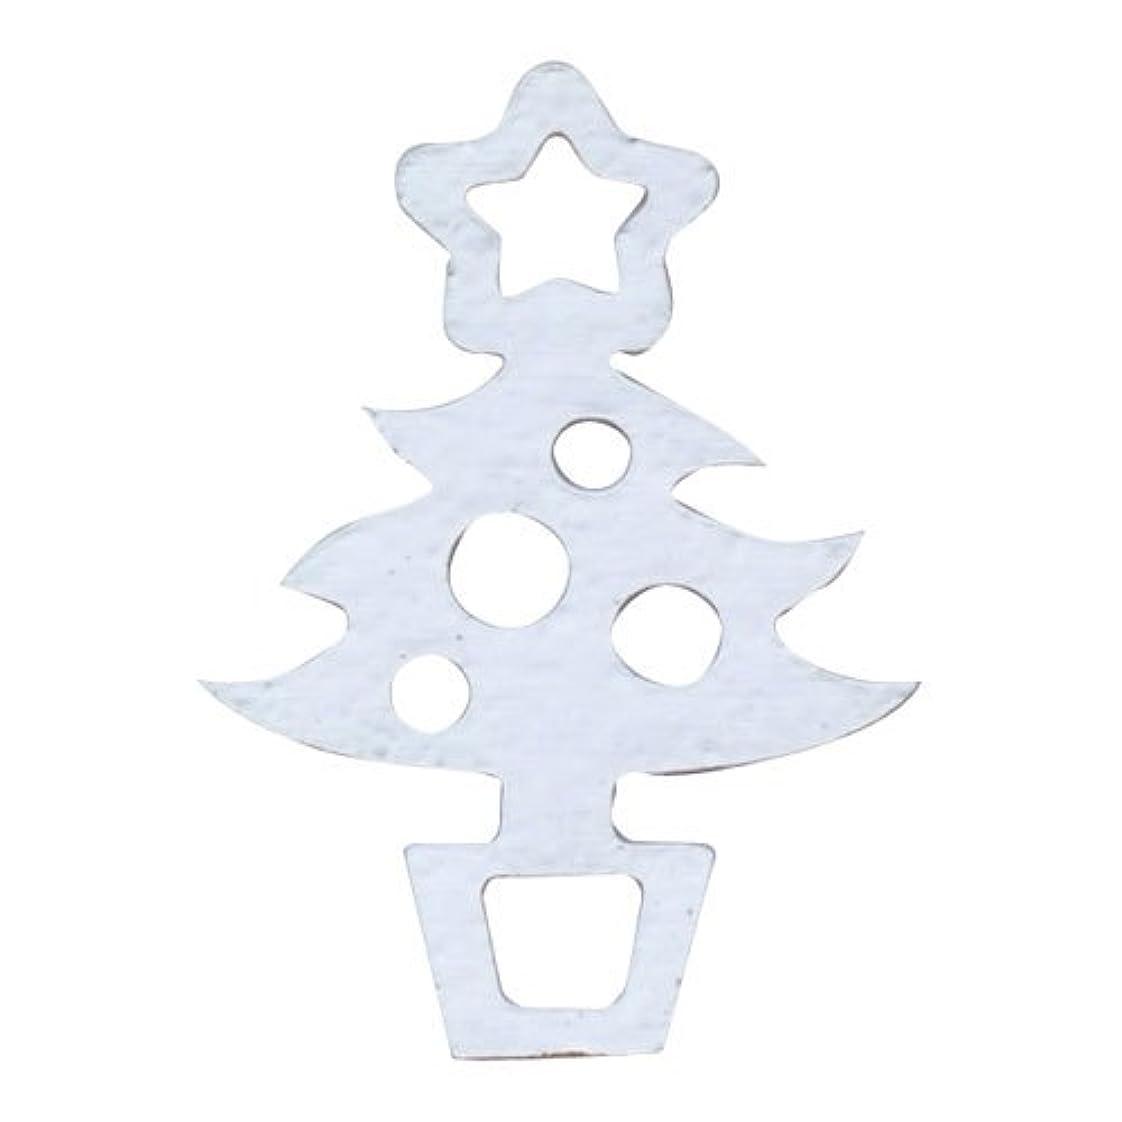 絶対の明日デモンストレーションリトルプリティー ネイルアートパーツ クリスマスツリー シルバー 10個